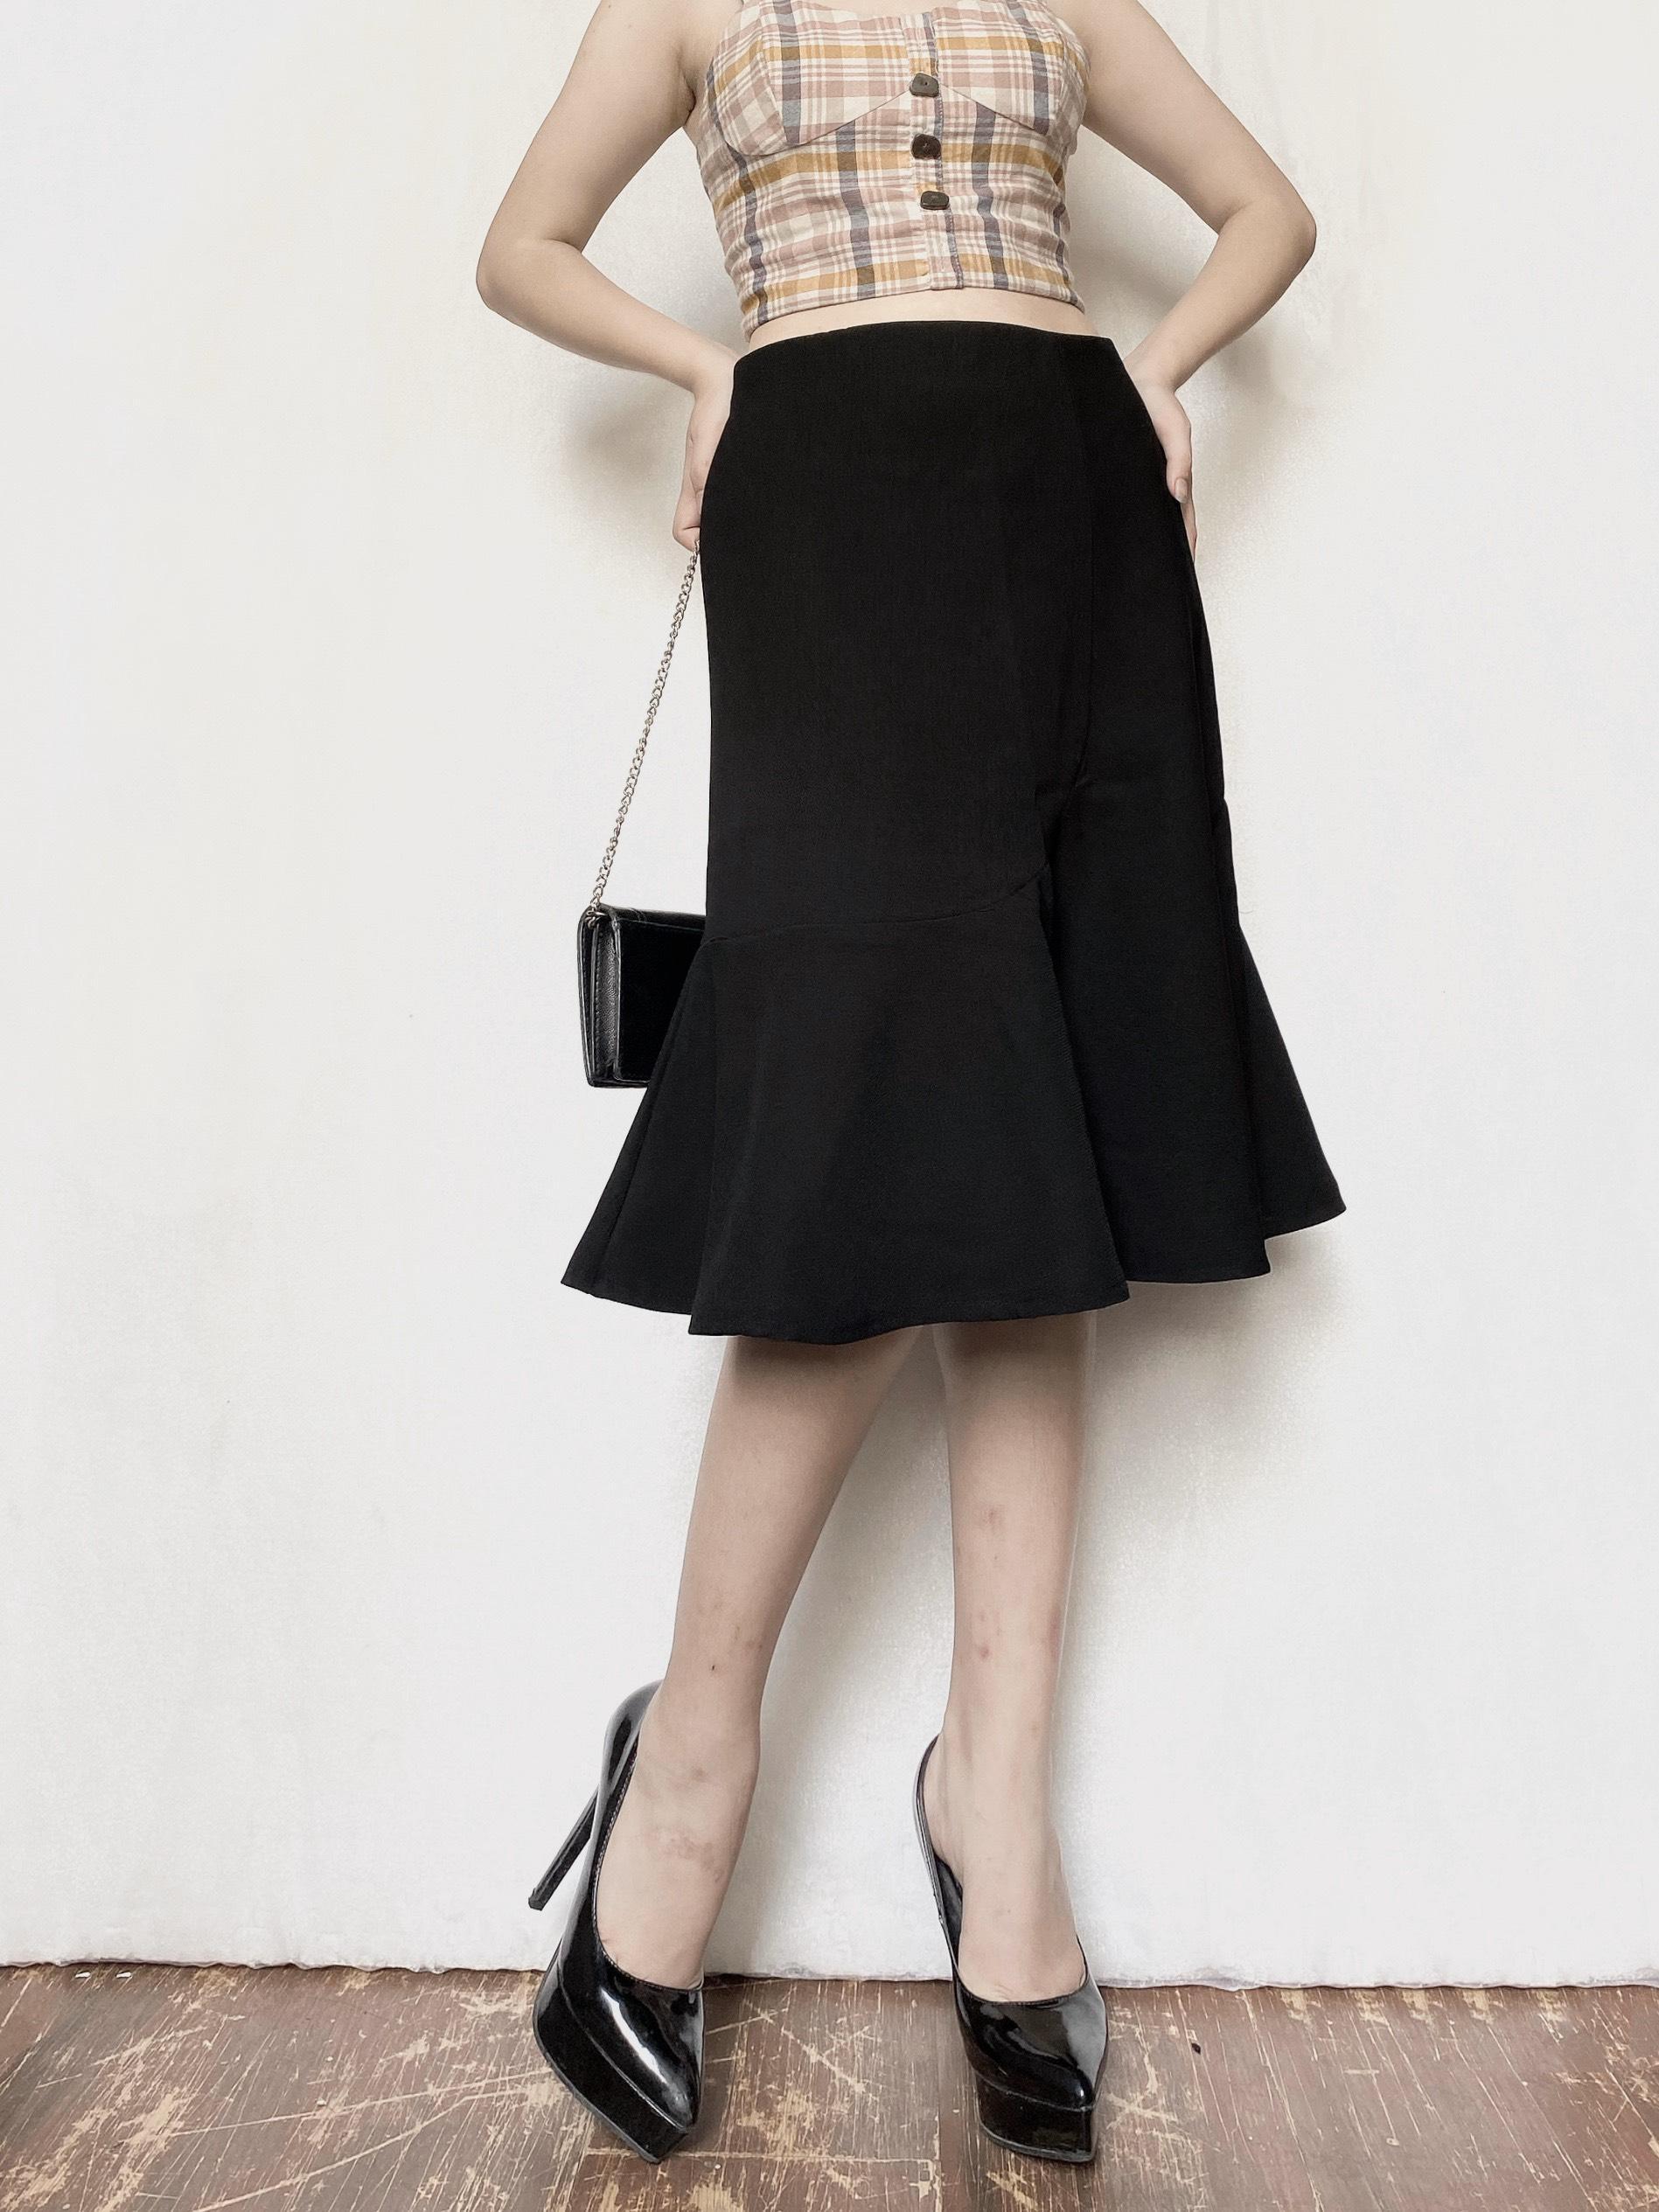 4 kiểu chân váy đơn giản